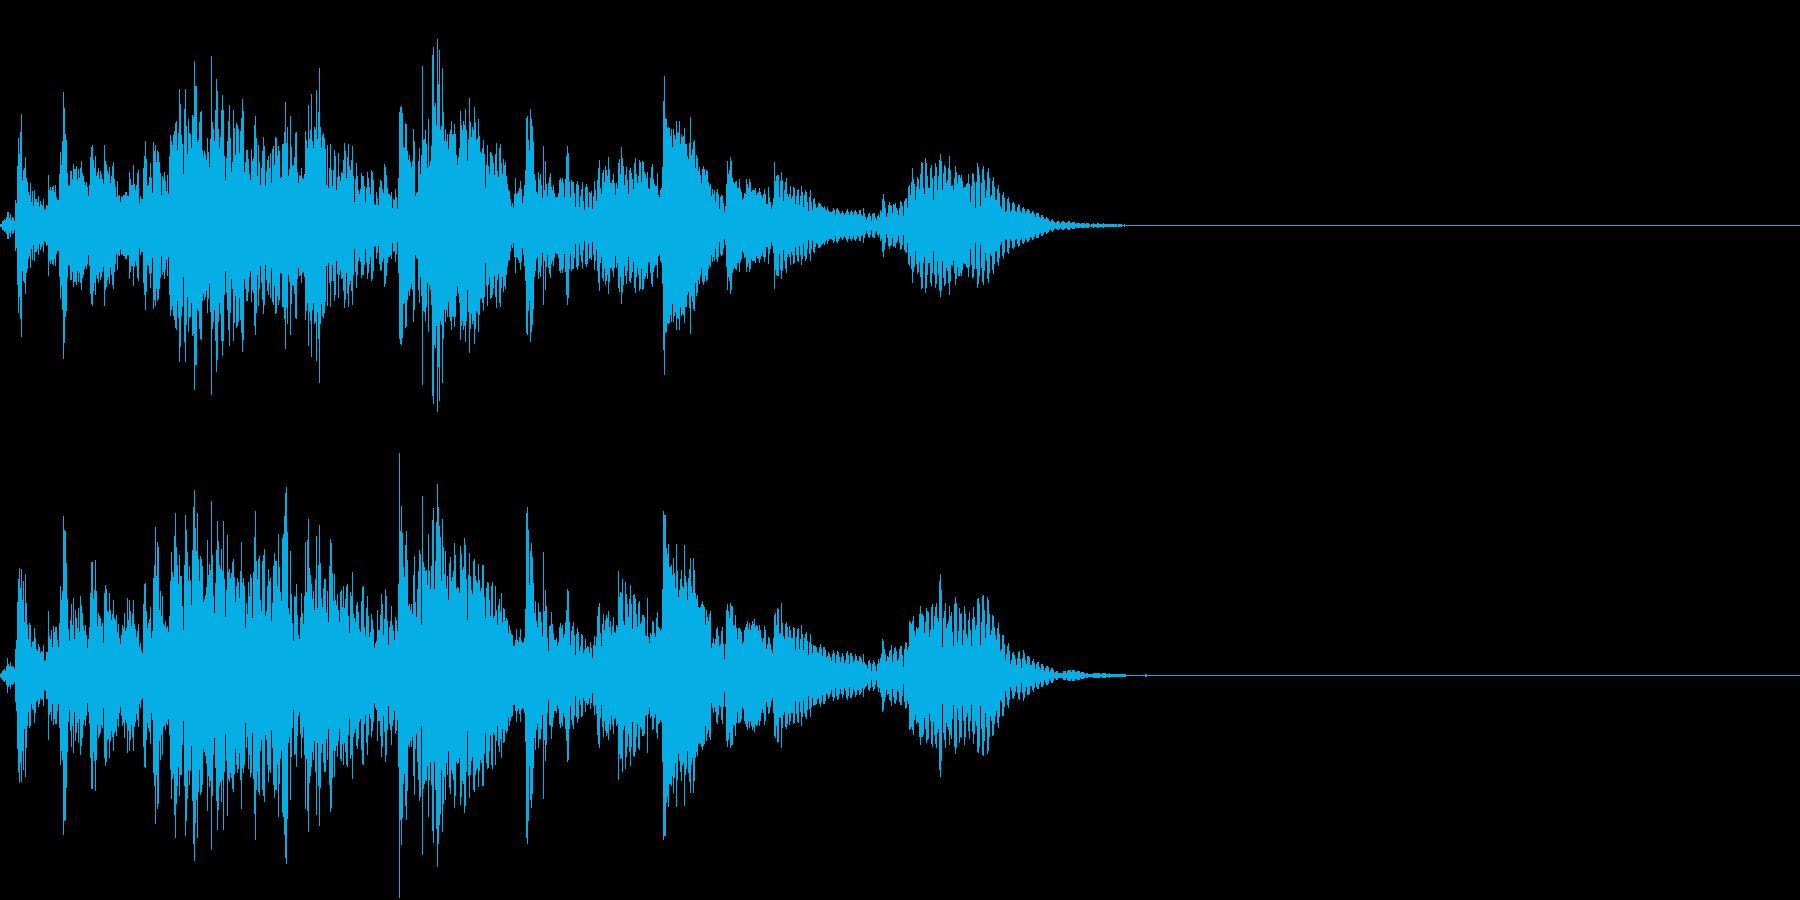 【生録音】犬の首輪のチェーンが鳴る音の再生済みの波形